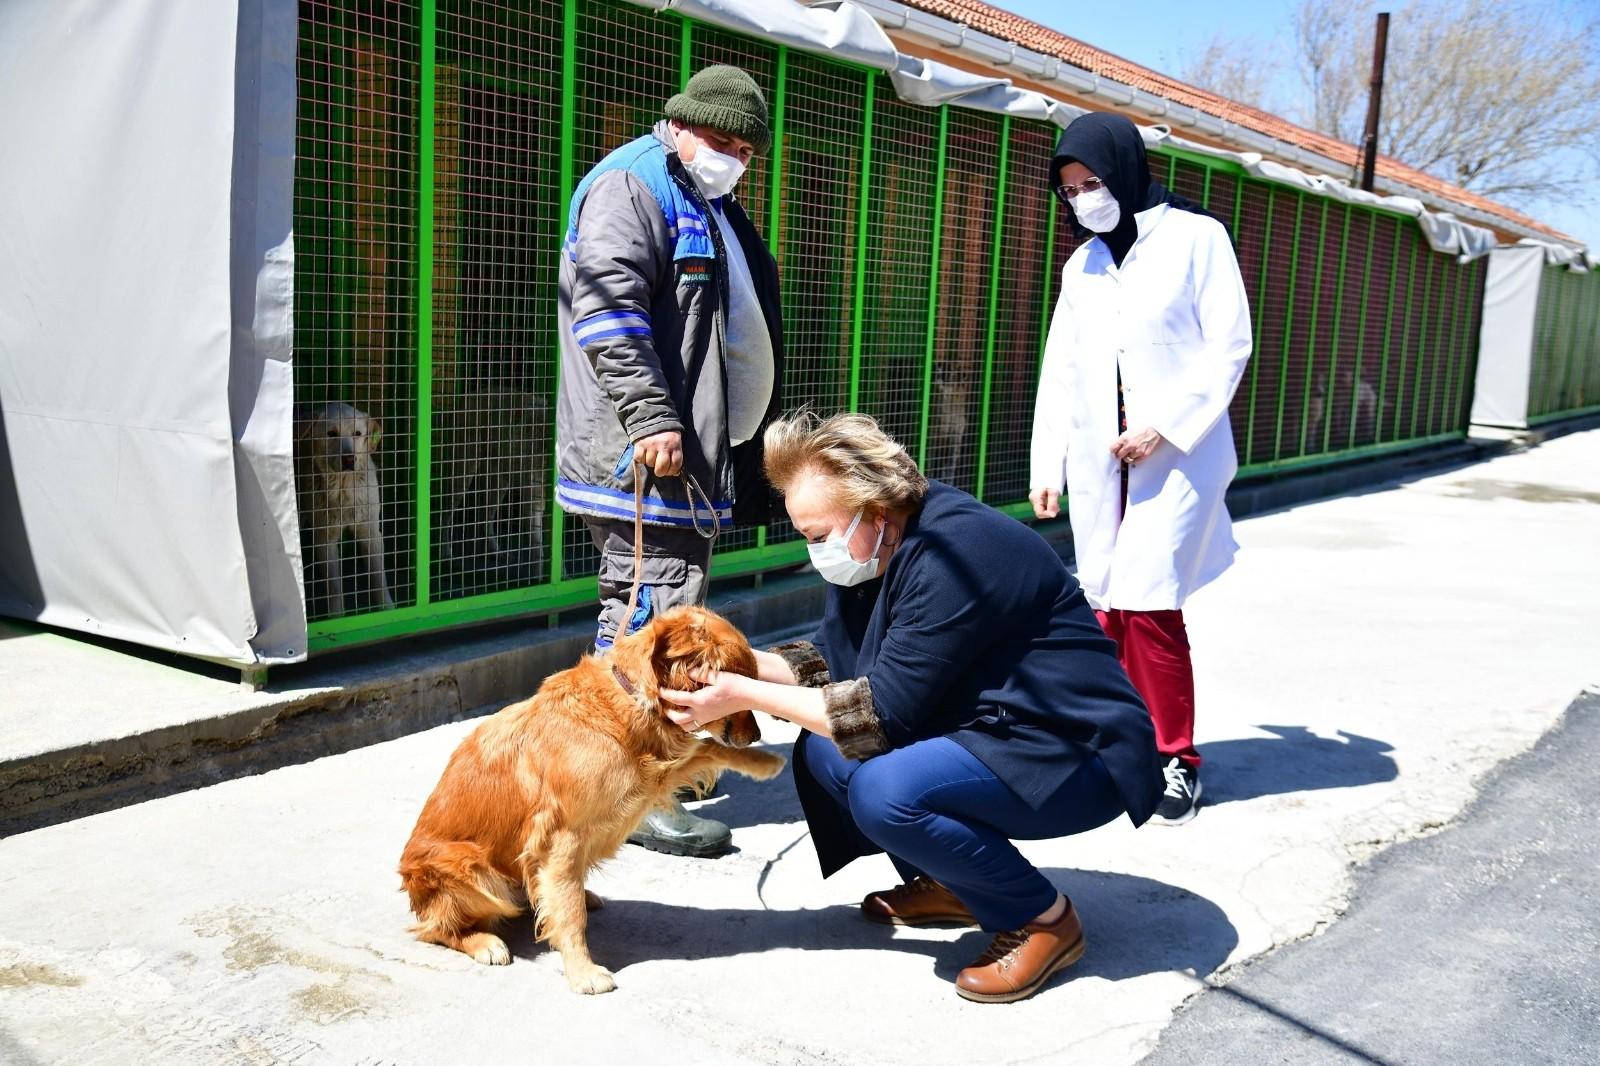 Mamak Belediyesinden sokak hayvanları için örnek bir çalışma daha